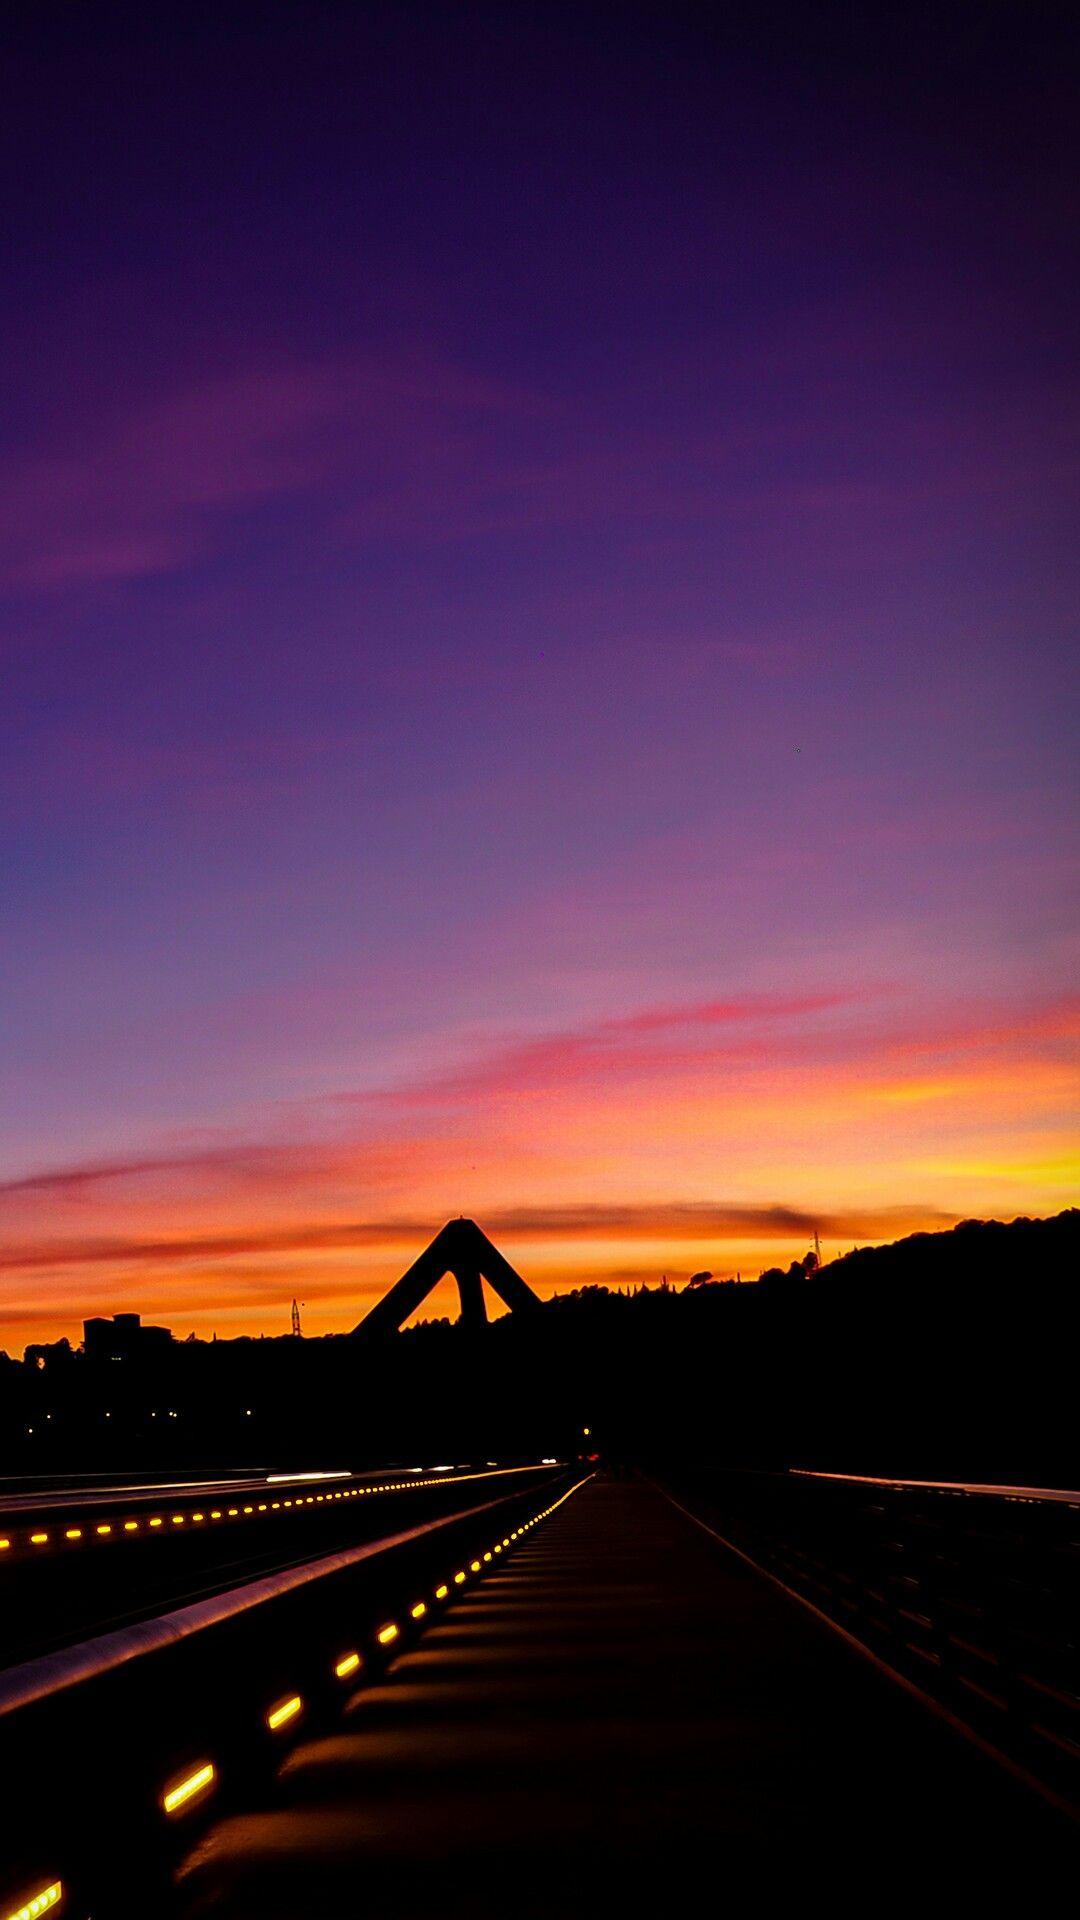 Most Inspiring Wallpaper Home Screen Sunset - 984689c7ec124efcd8db6672ce0571e5  Gallery_228511.jpg